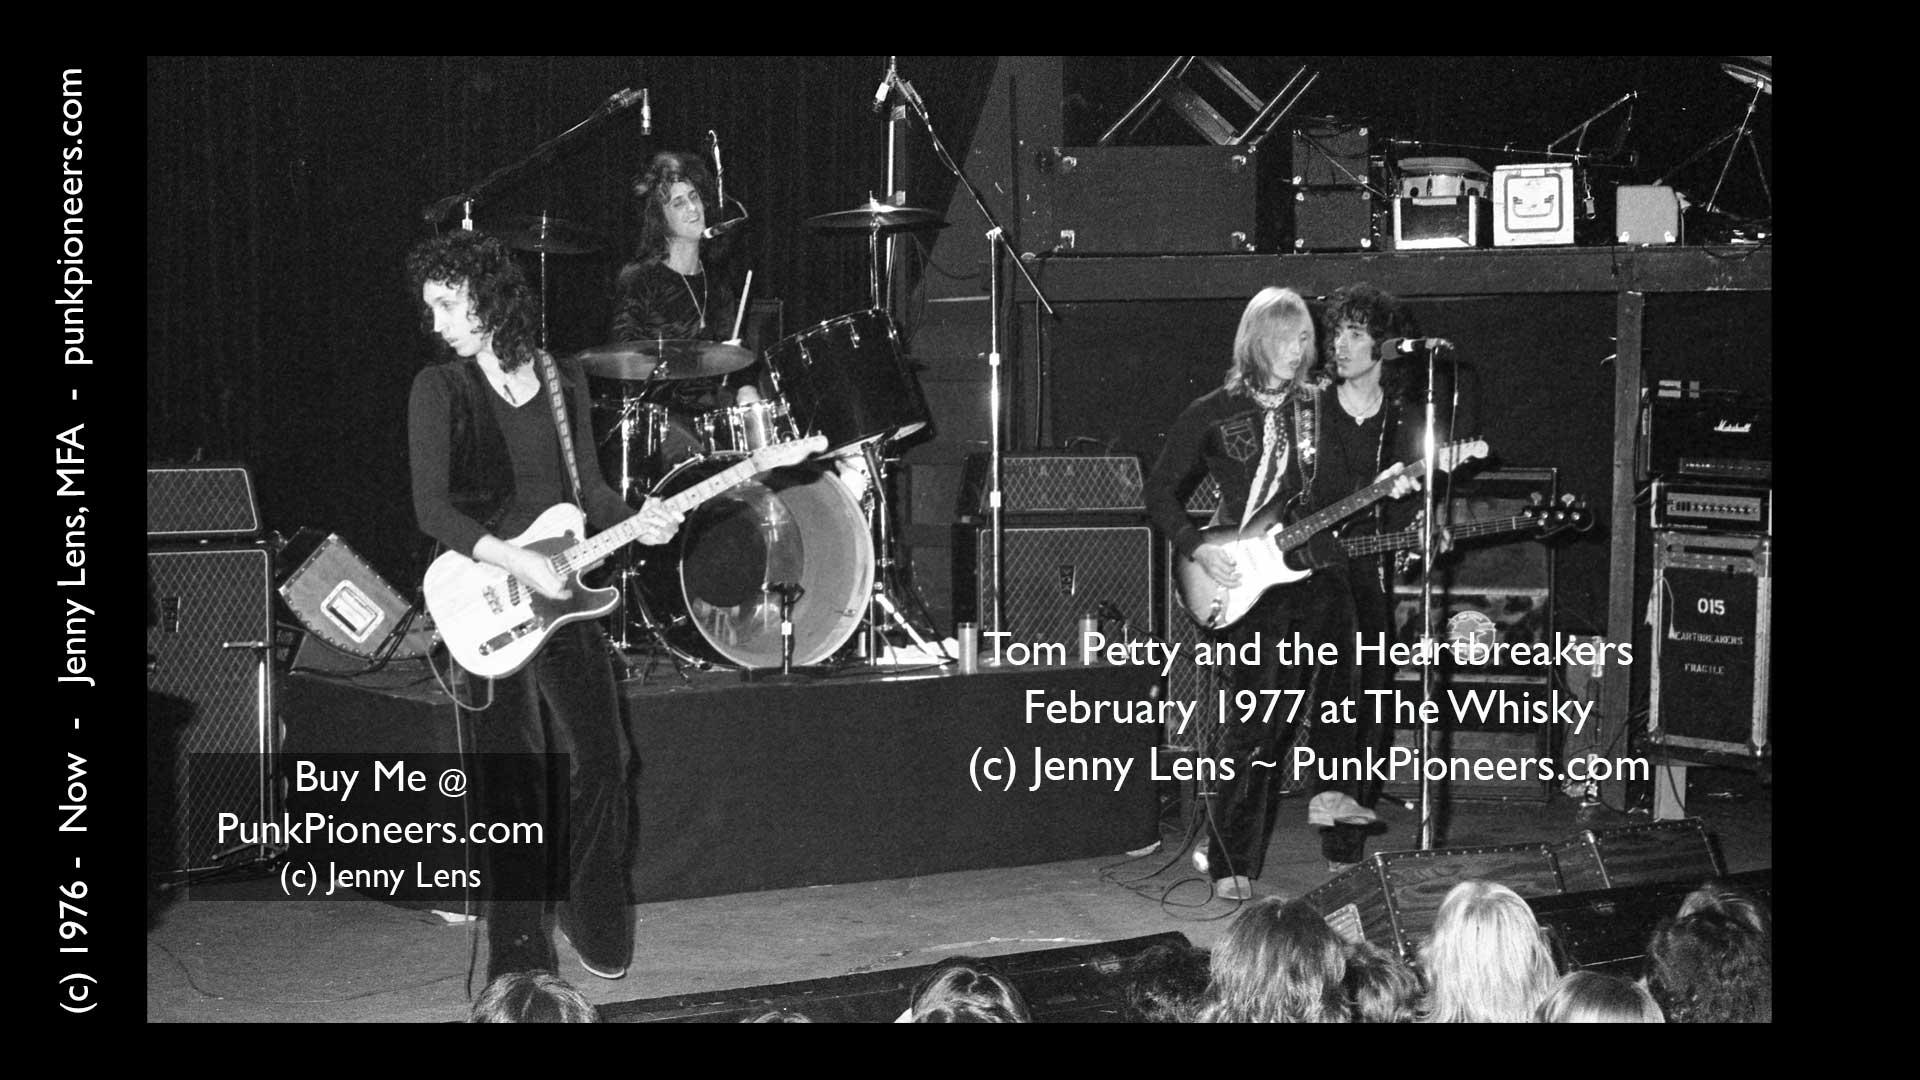 Tom Petty and the Heartbreakers, the Whisky, February 1977, Jenny Lens, mfa